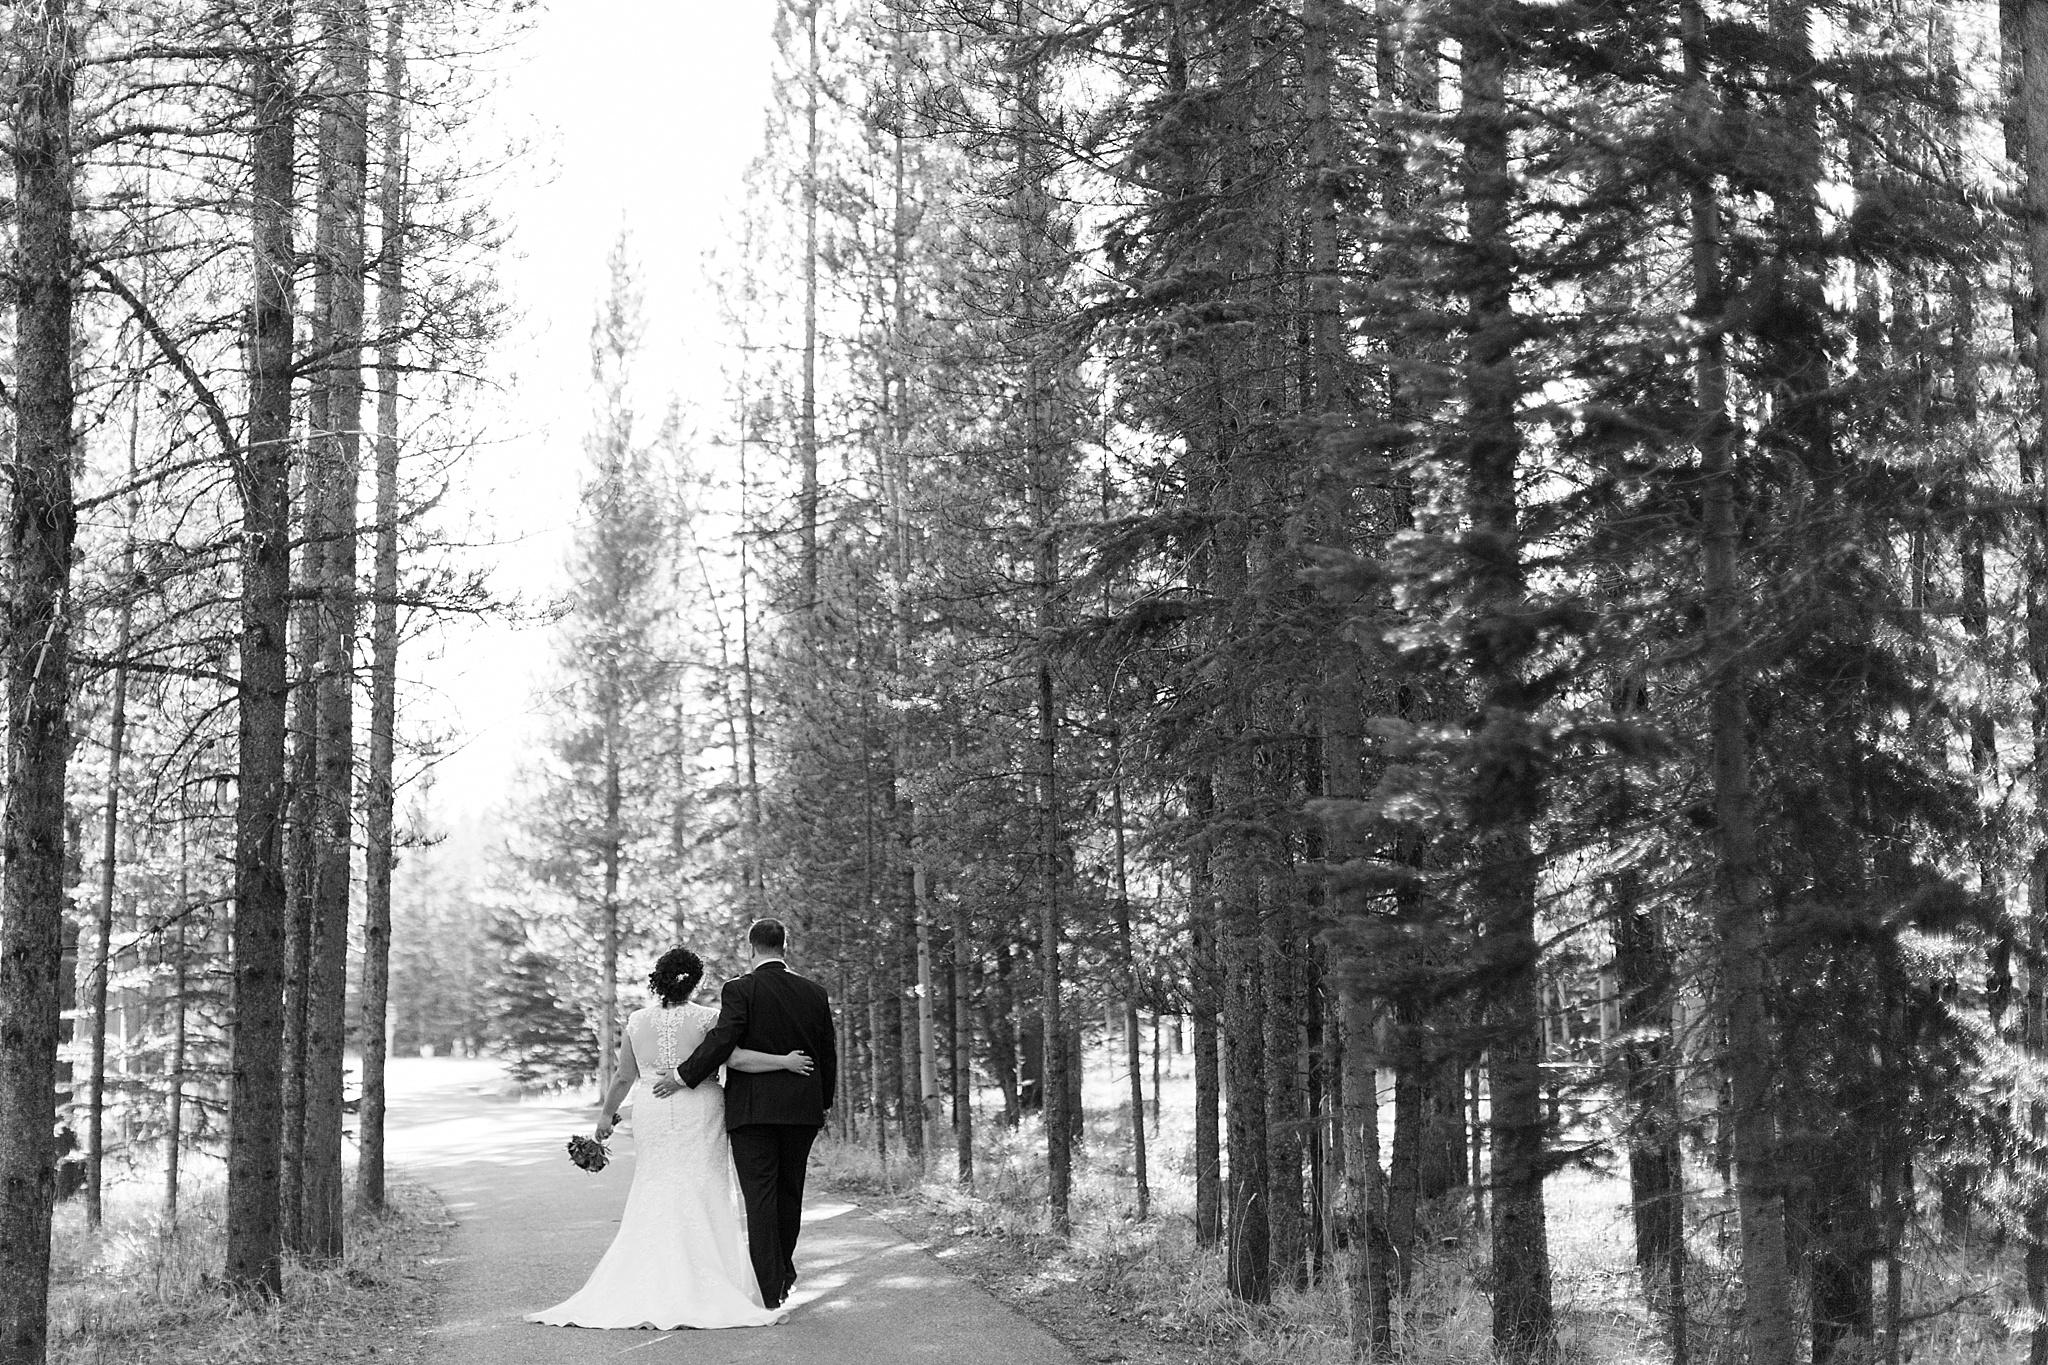 Delta-kananaskis-wedding053.JPG